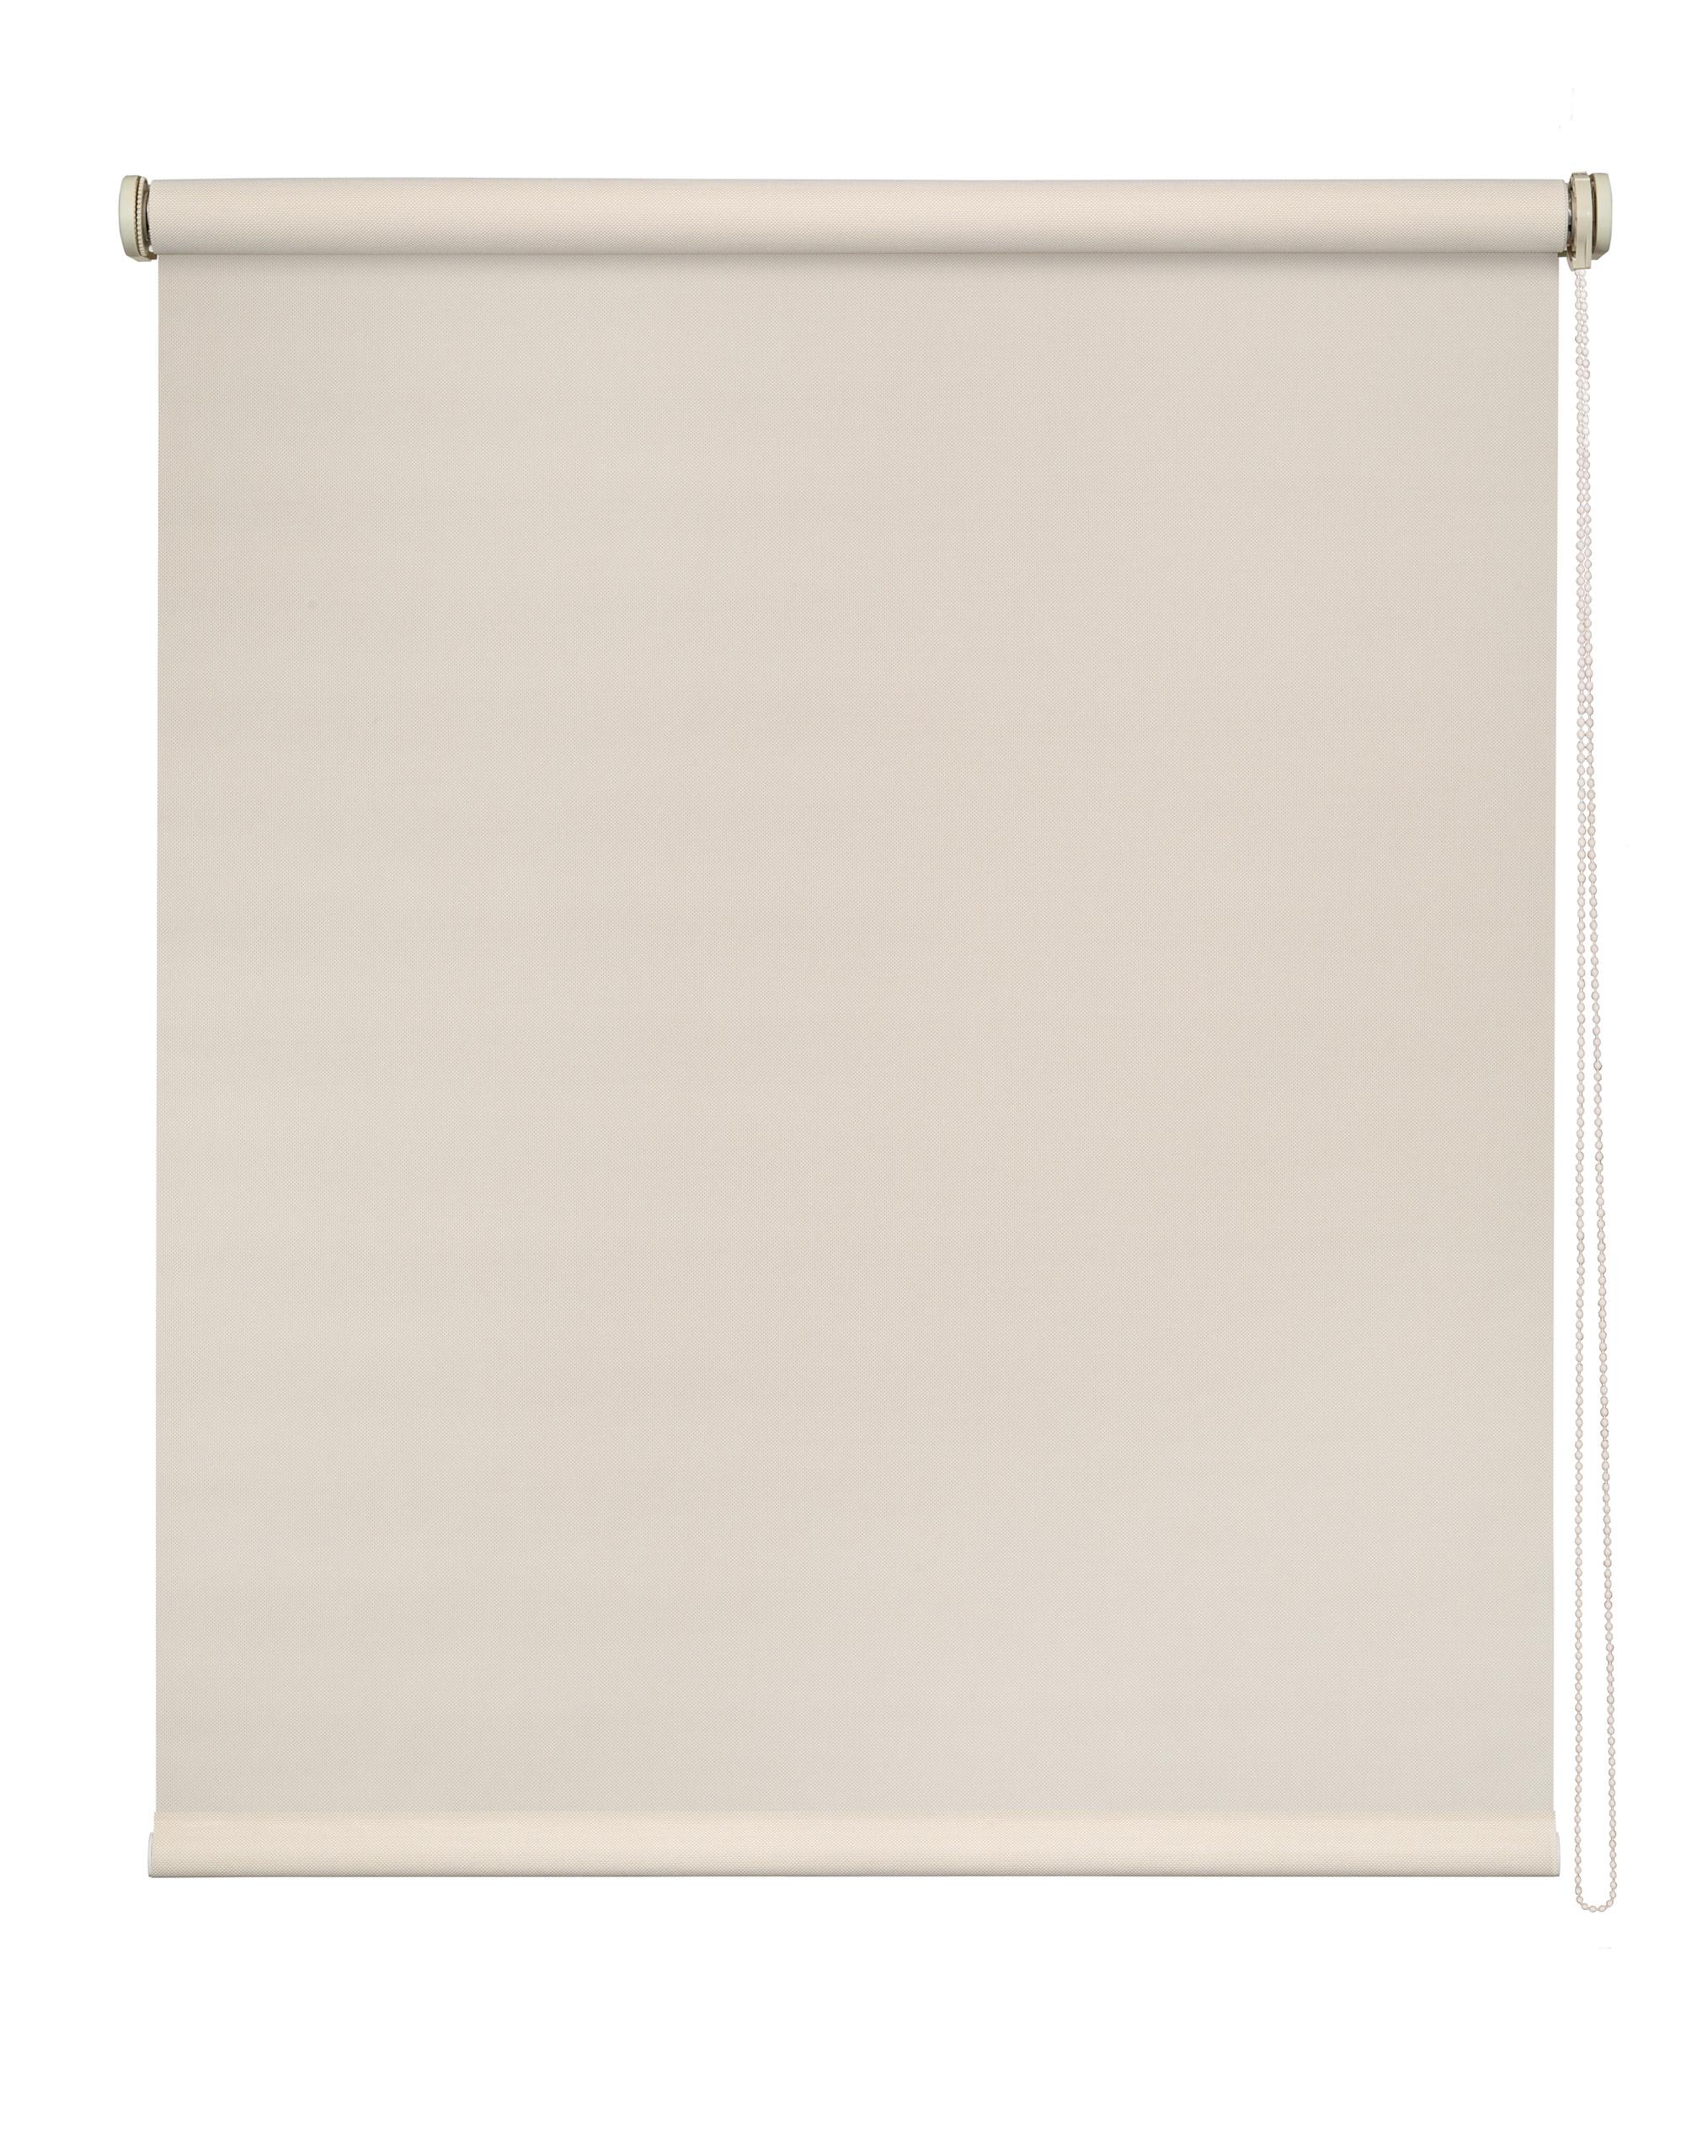 Store Enrouleur voile Screen - Gris - 105 x 250 cm